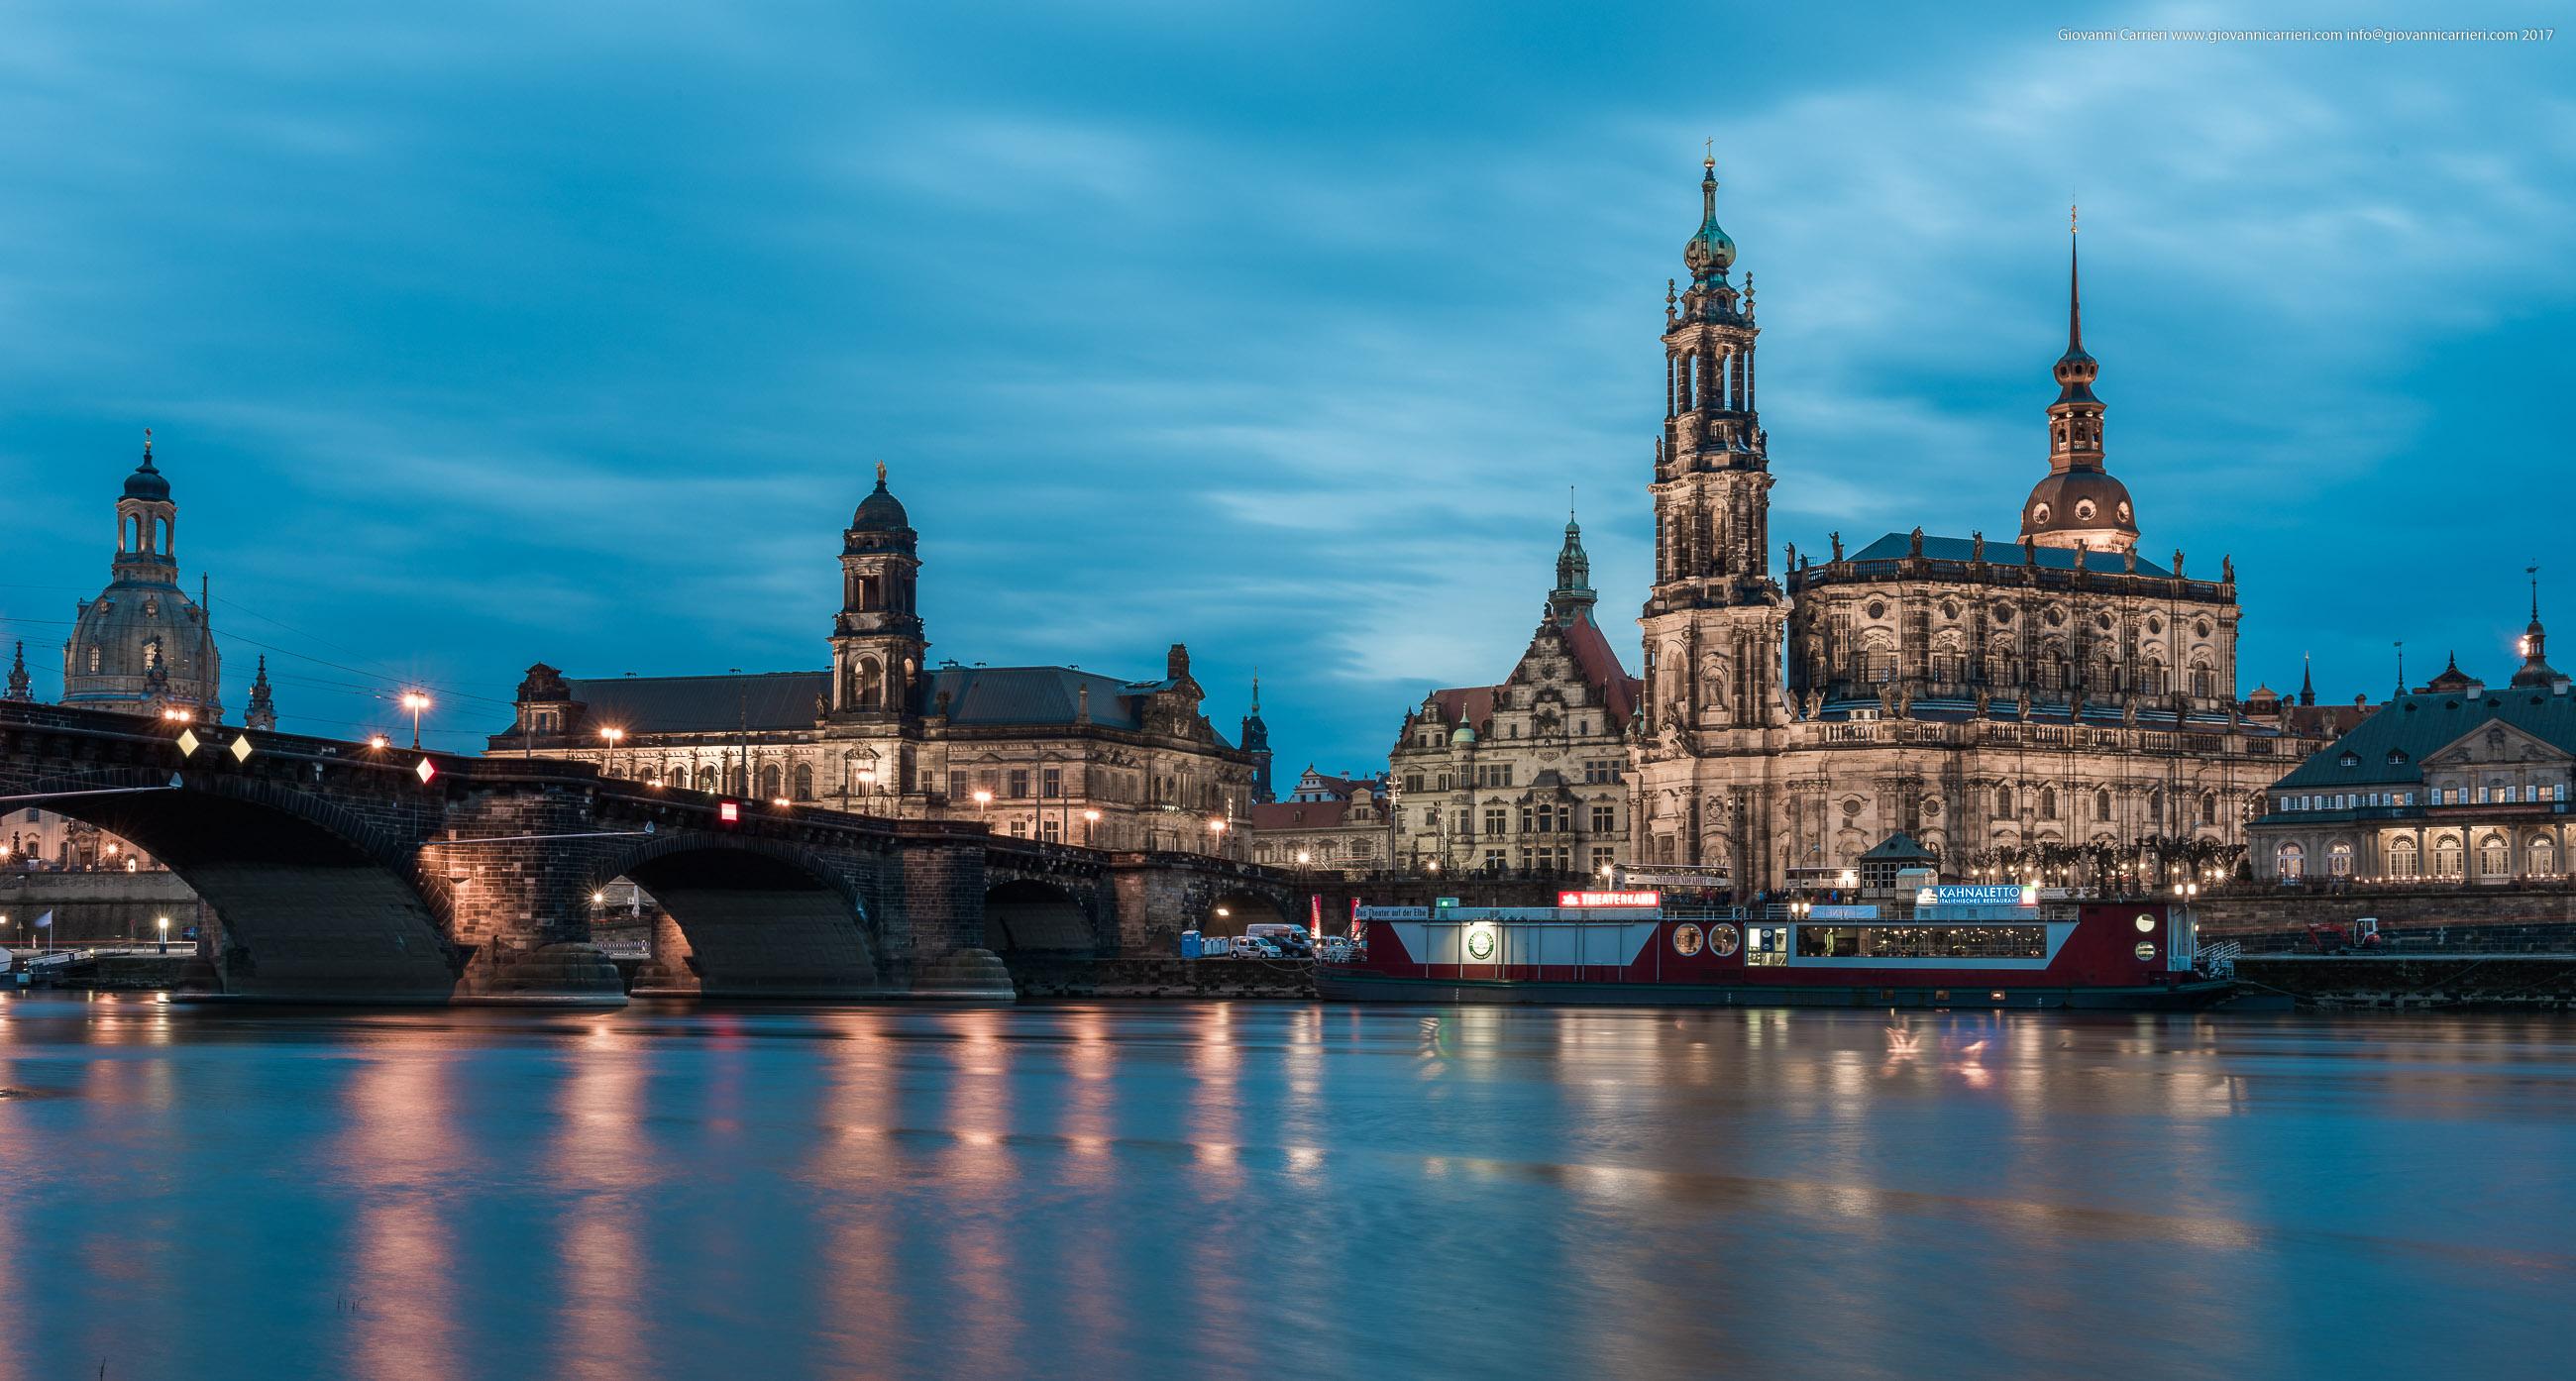 La chiesa cattolica di Dresda